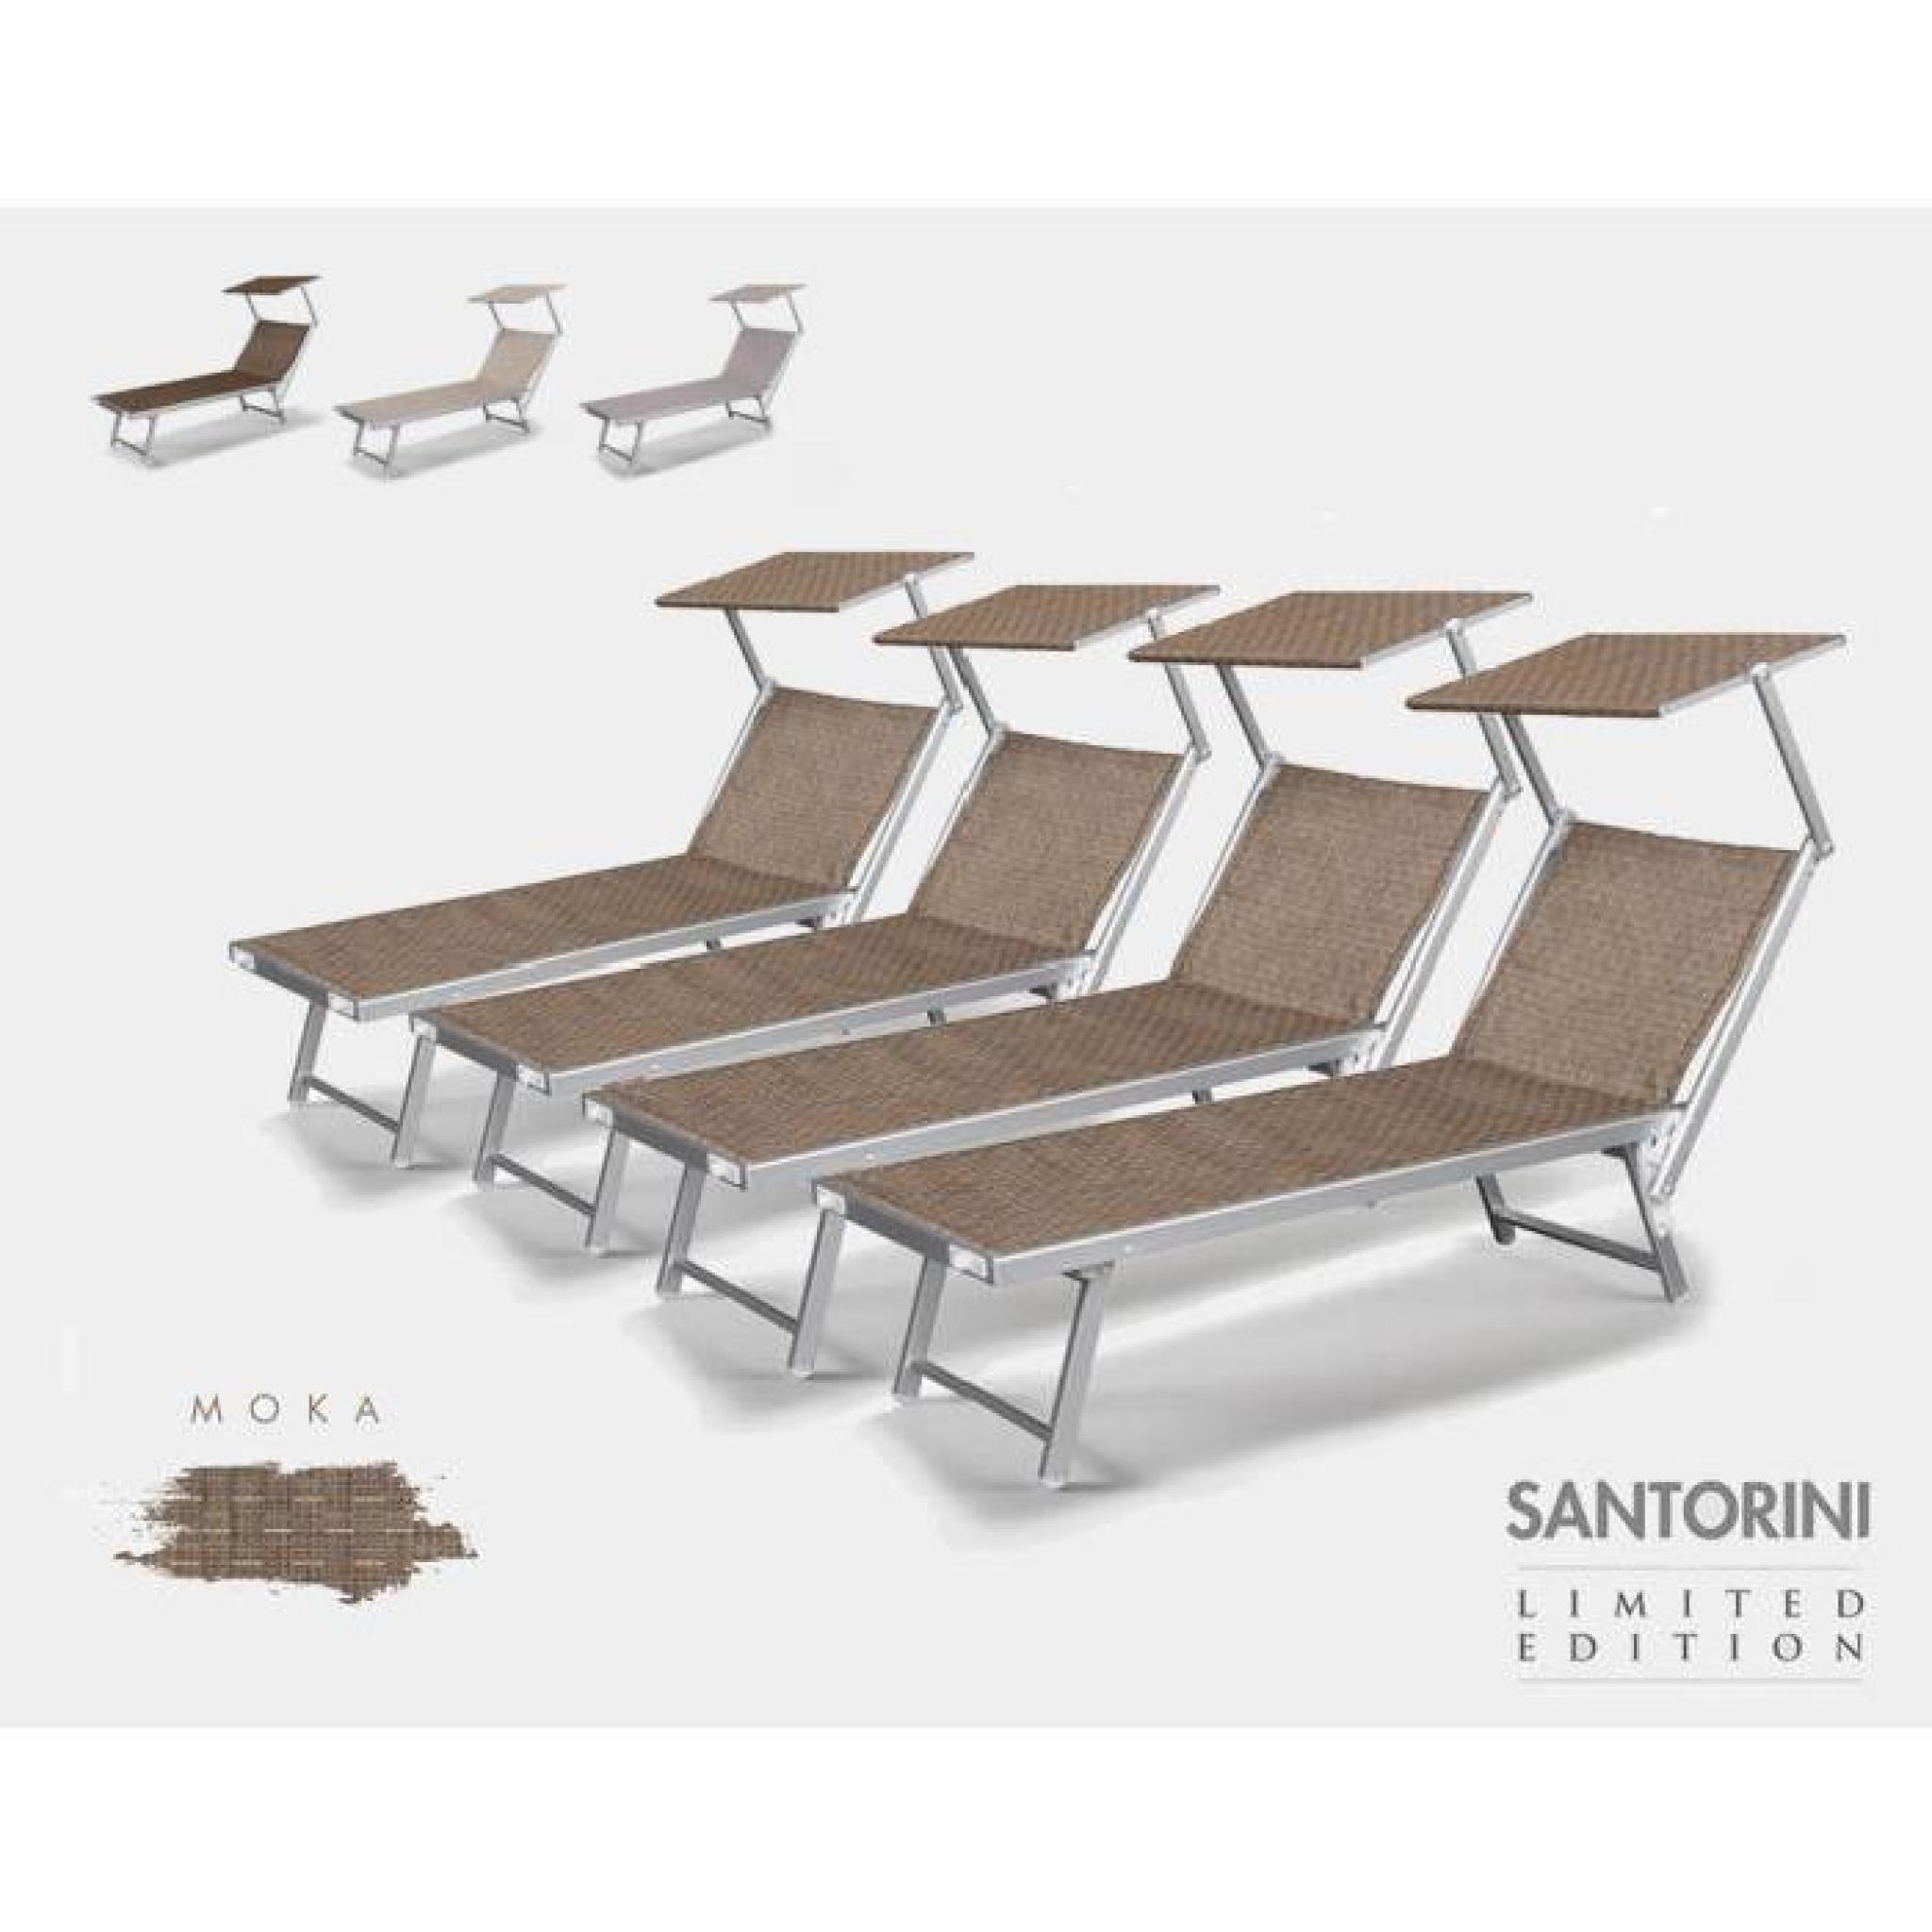 4 Bains De Soleil Lits De Plage Transats Piscine Aluminium Jardin Santorini à Transat Piscine Pas Cher